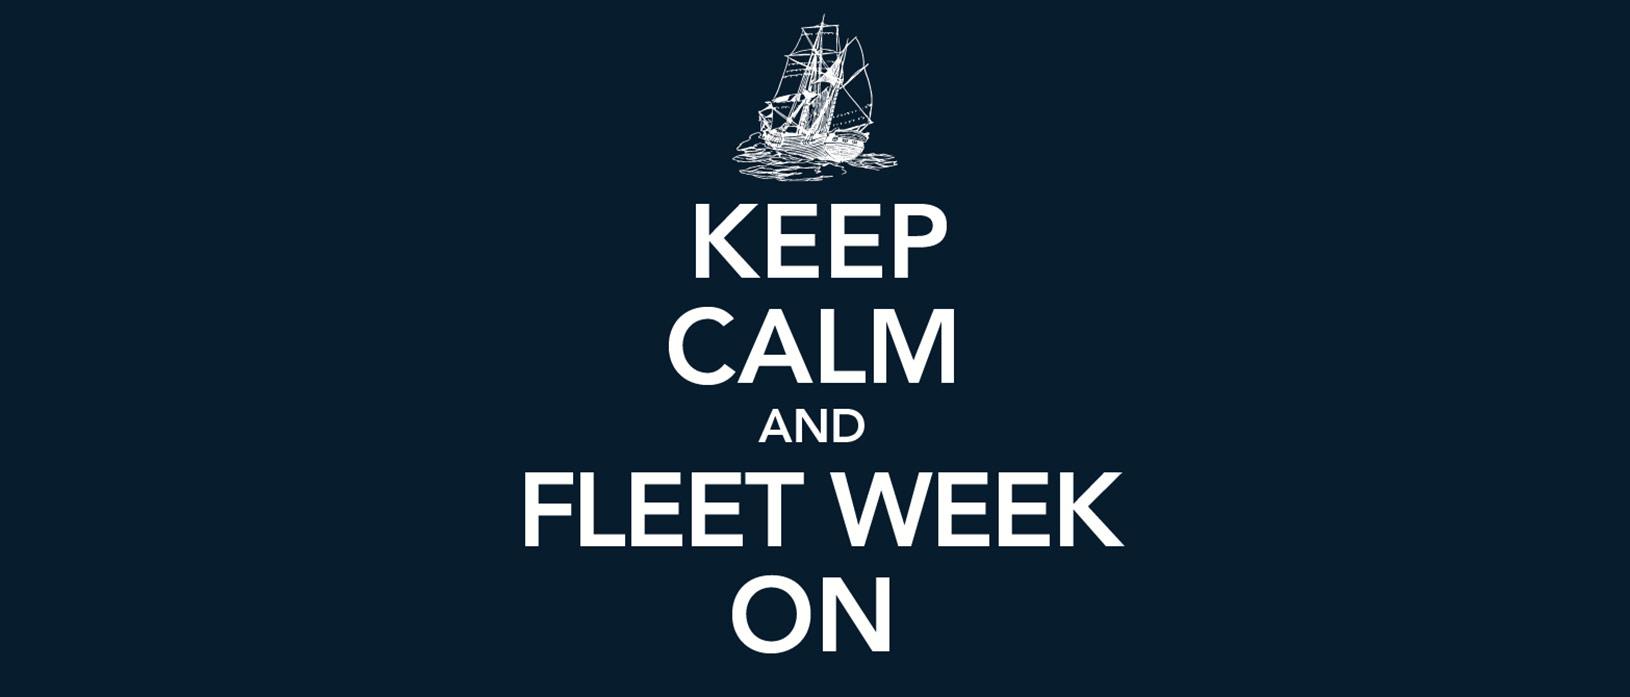 Keep Calm and Fleet Week On